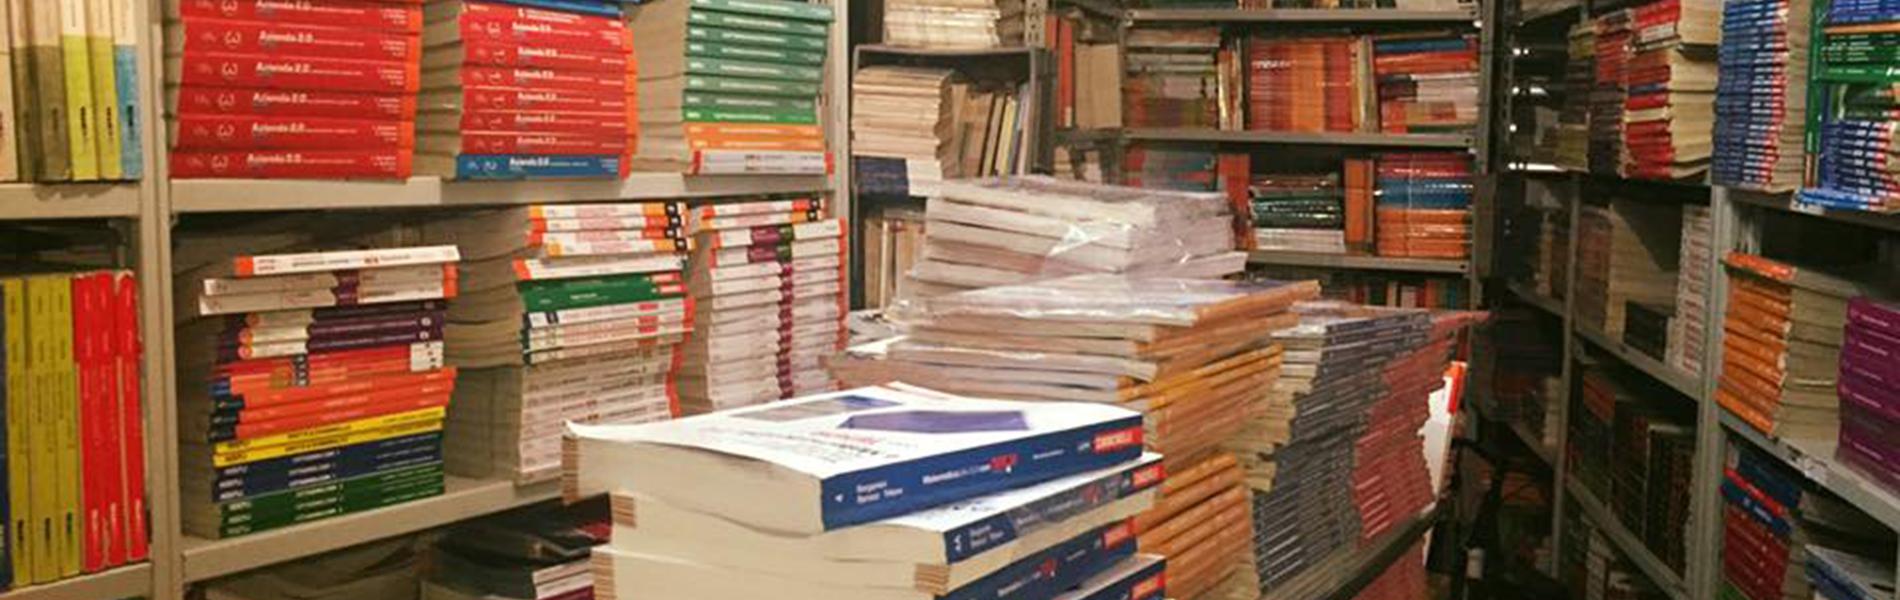 Risparmia sull'acquisto dei libri!